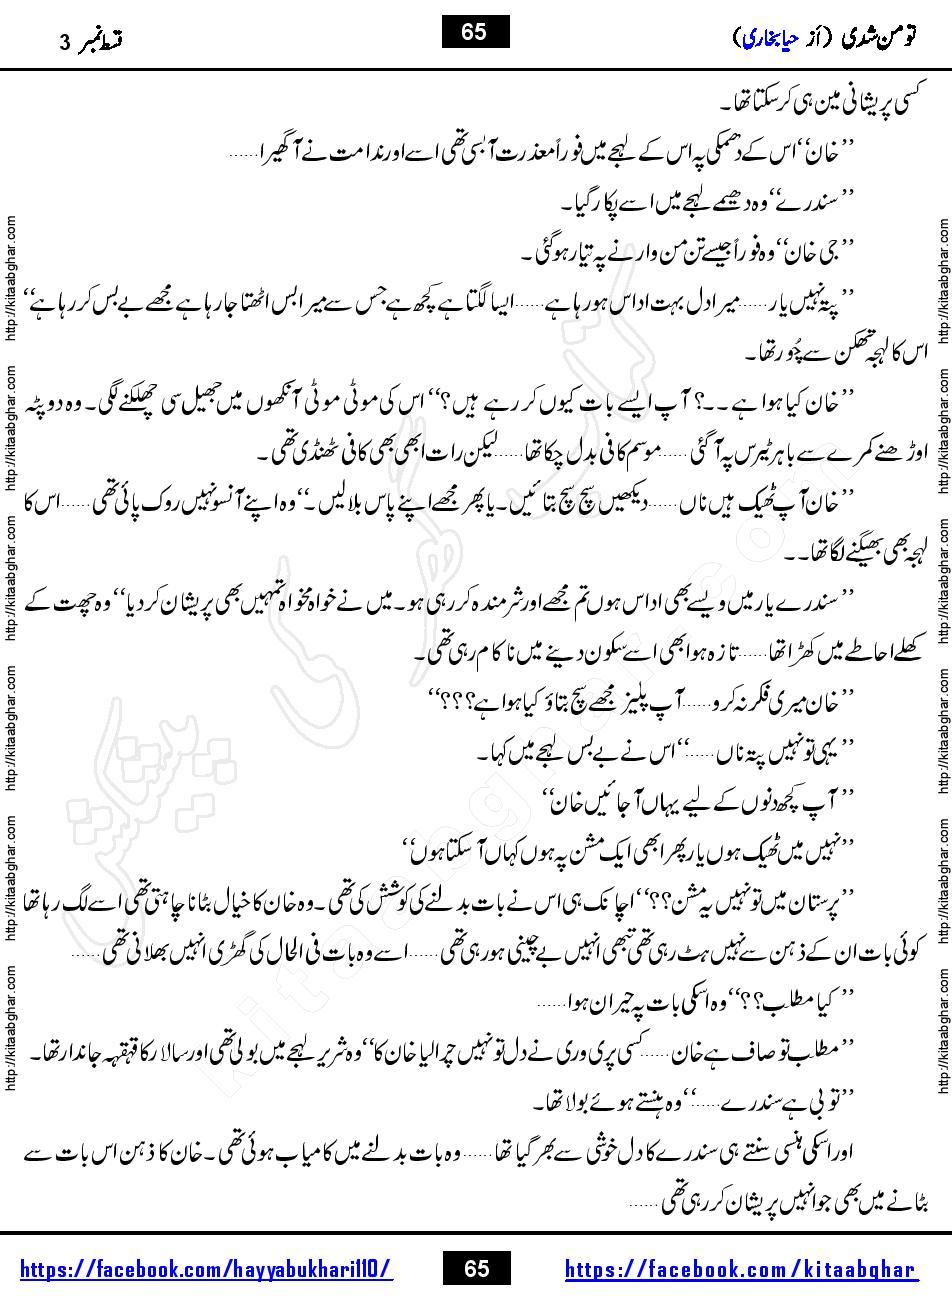 Tu Mann Shudi by Haya Bukhari Complete Forced Marriage Novel